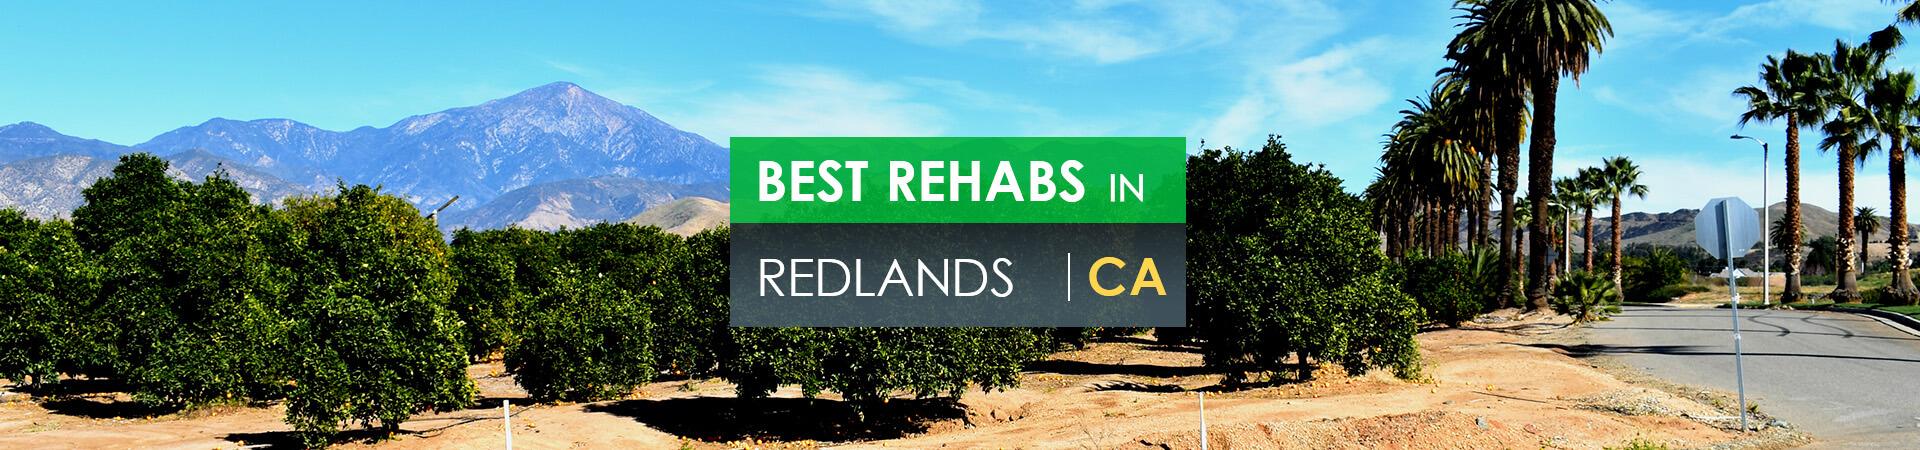 Best rehabs in Redlands, CA